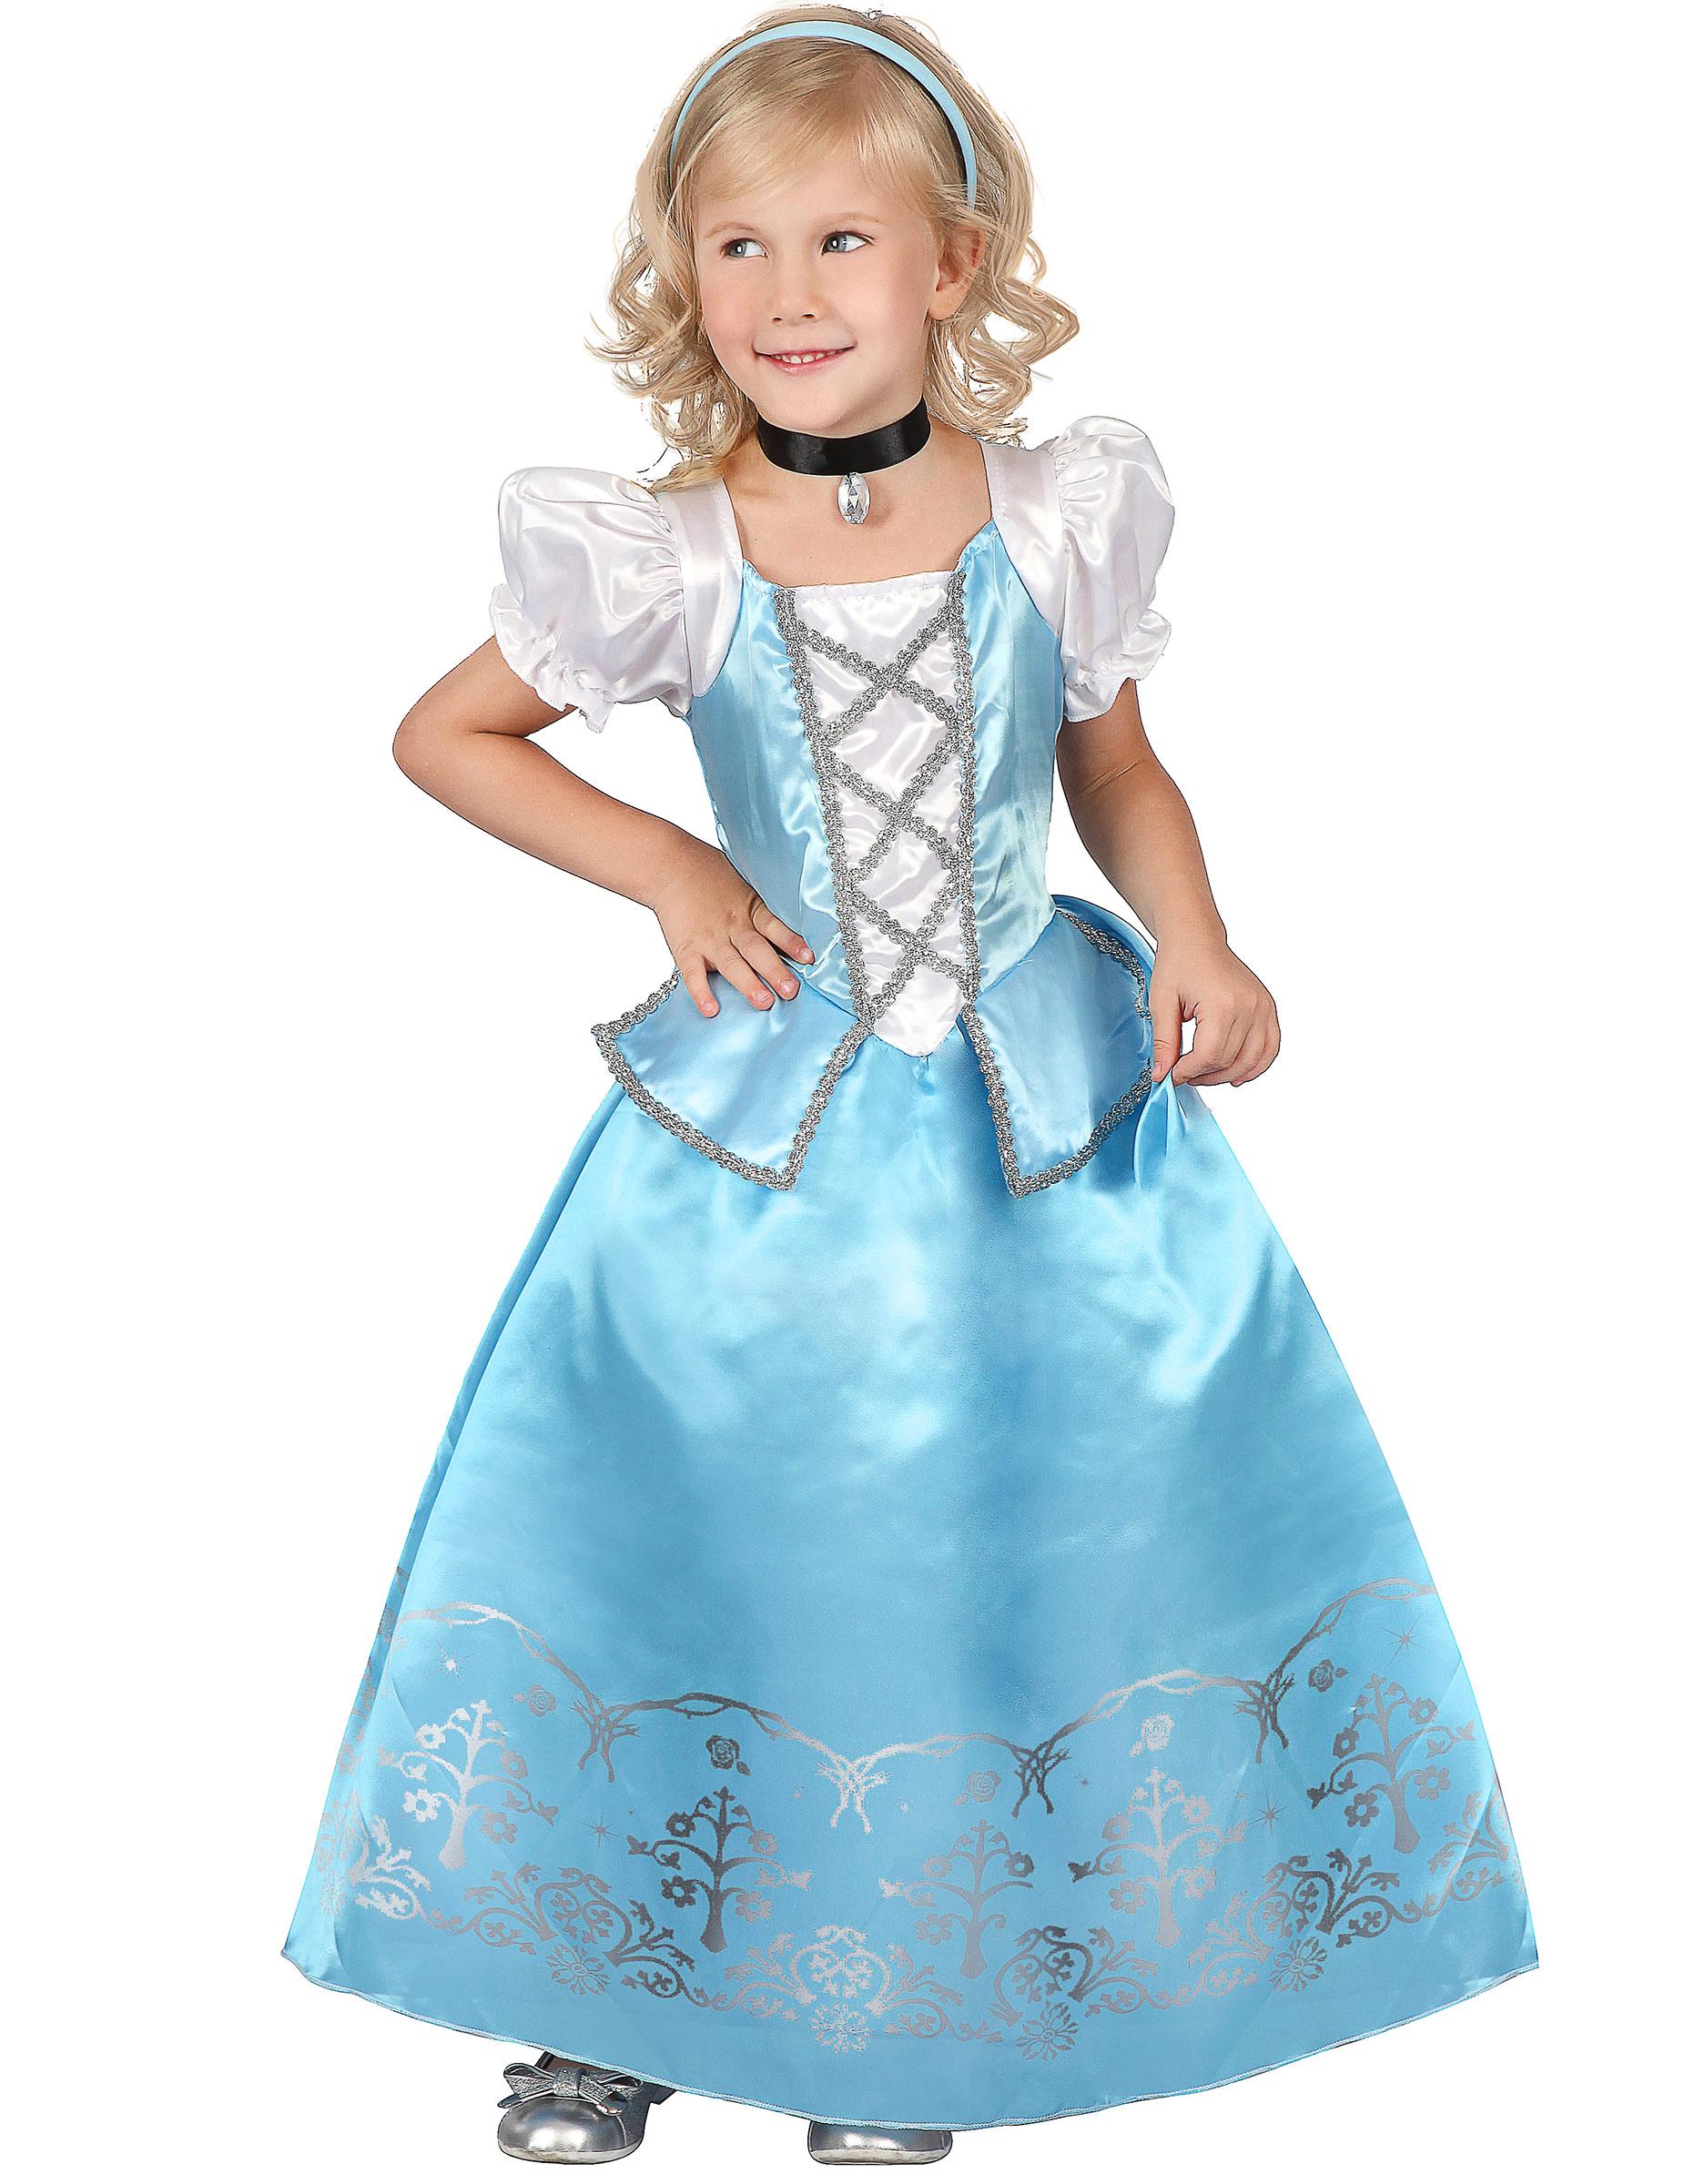 Prinzessinnen-Kleid für Mädchen blau-weiss: Kostüme für Bilder